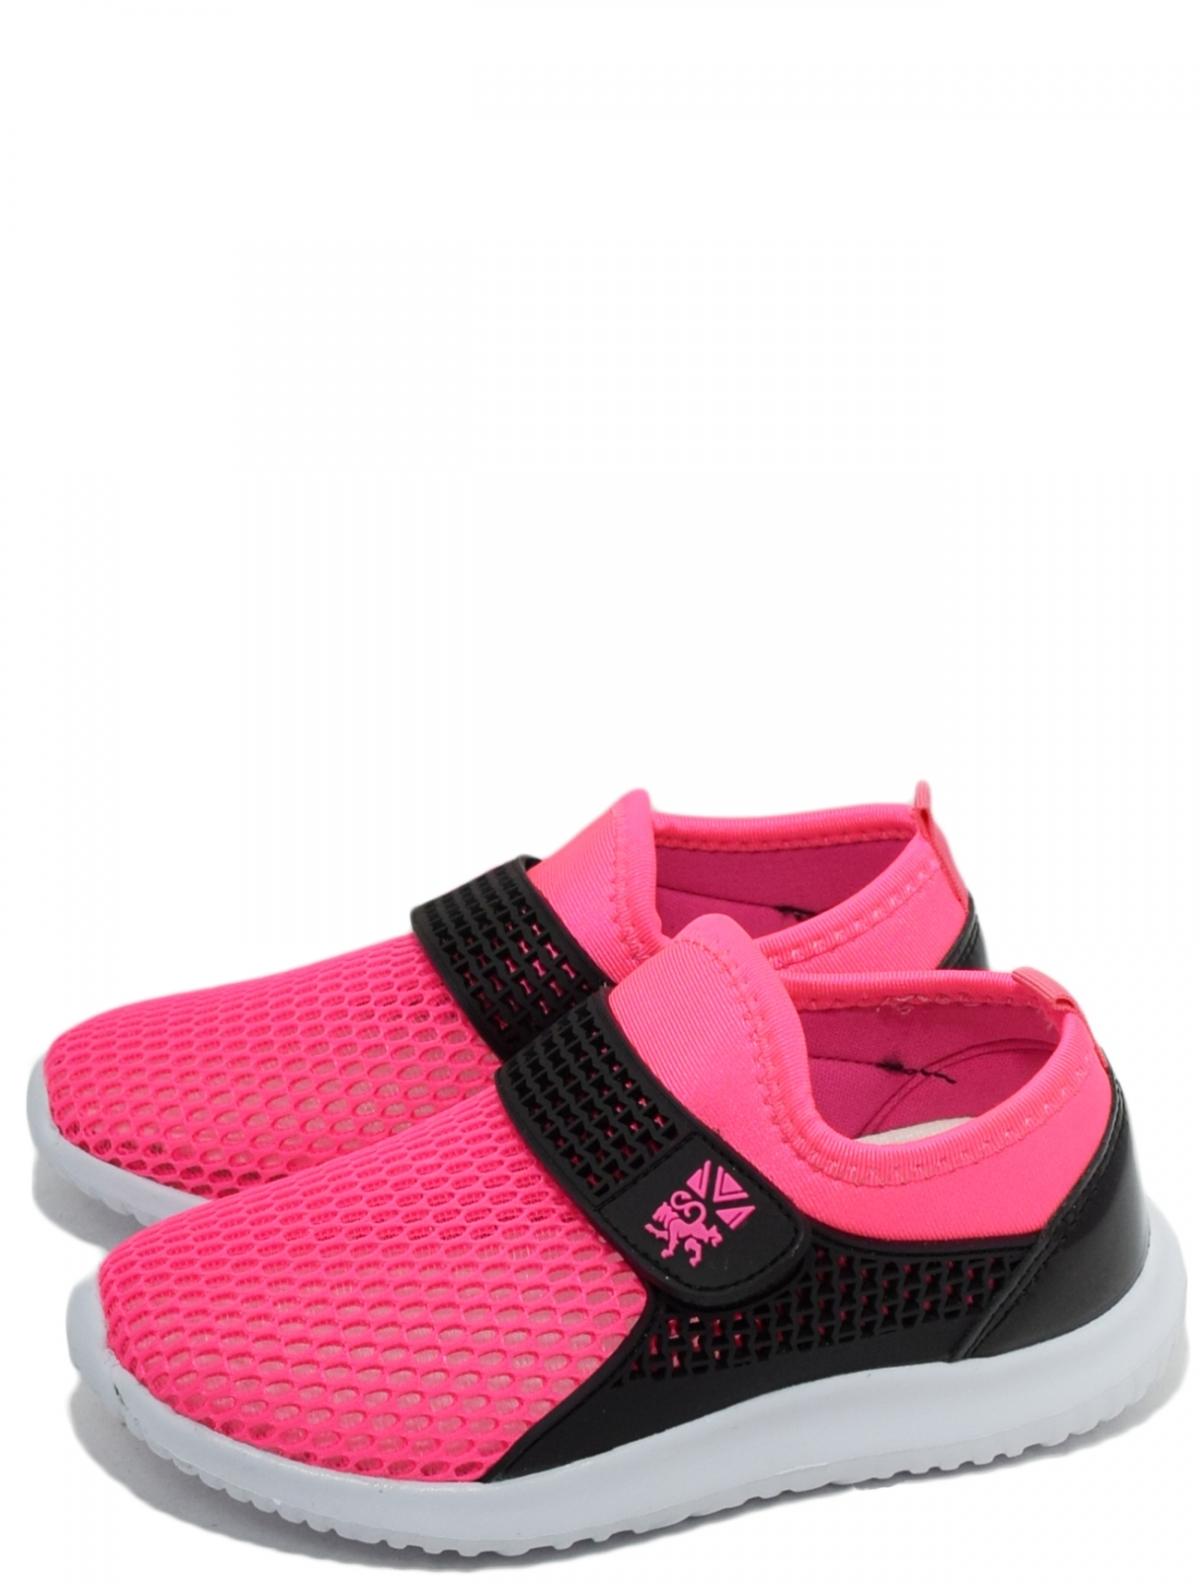 CROSBY 217076/01-02 детские кроссовки